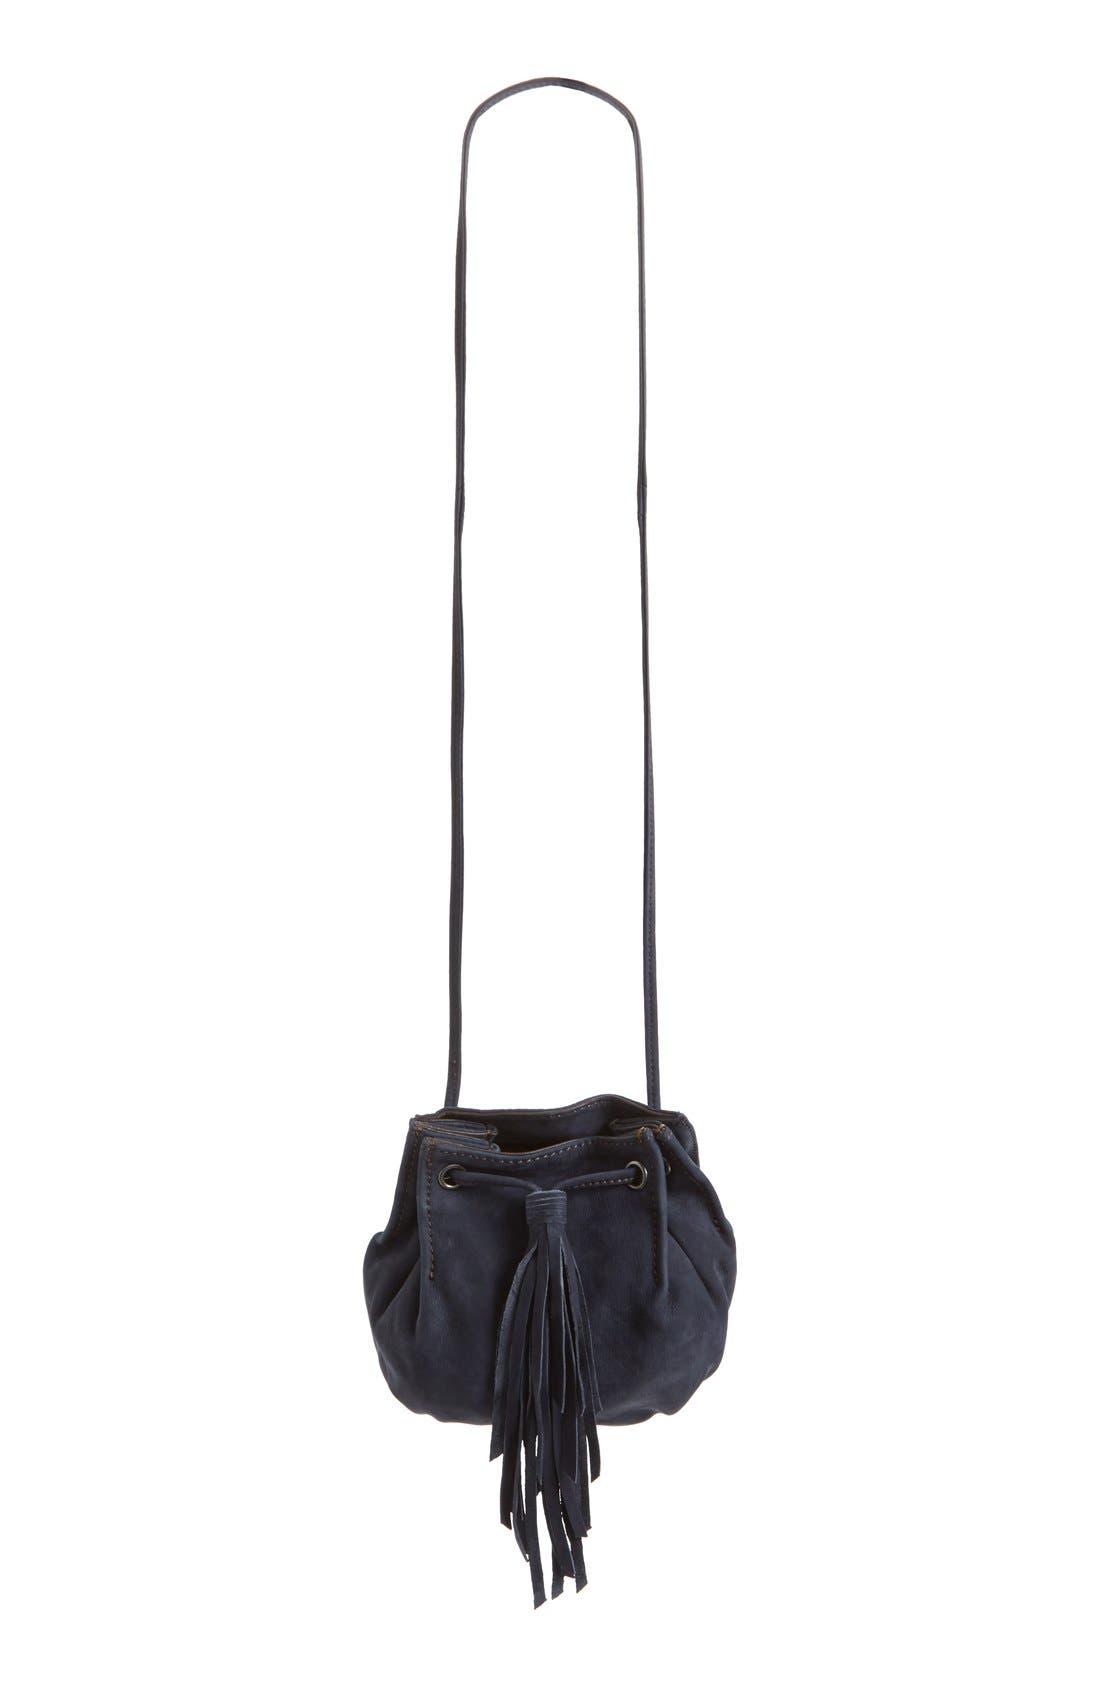 Main Image - Treasure&Bond Tasseled Leather Bucket Bag